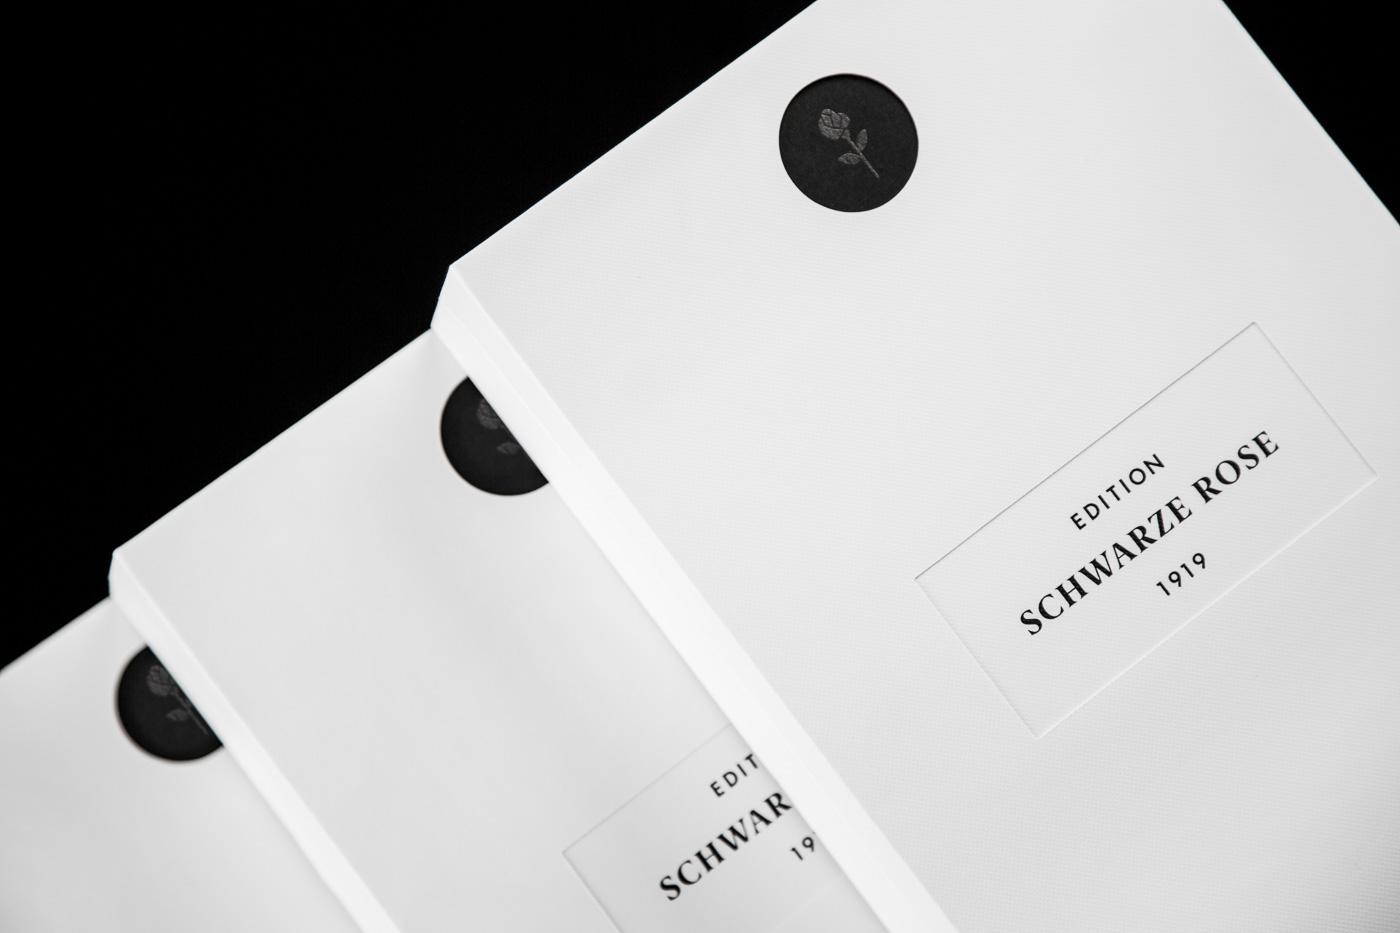 Produktfotografie für die Firma Seidensticker Bielefeld